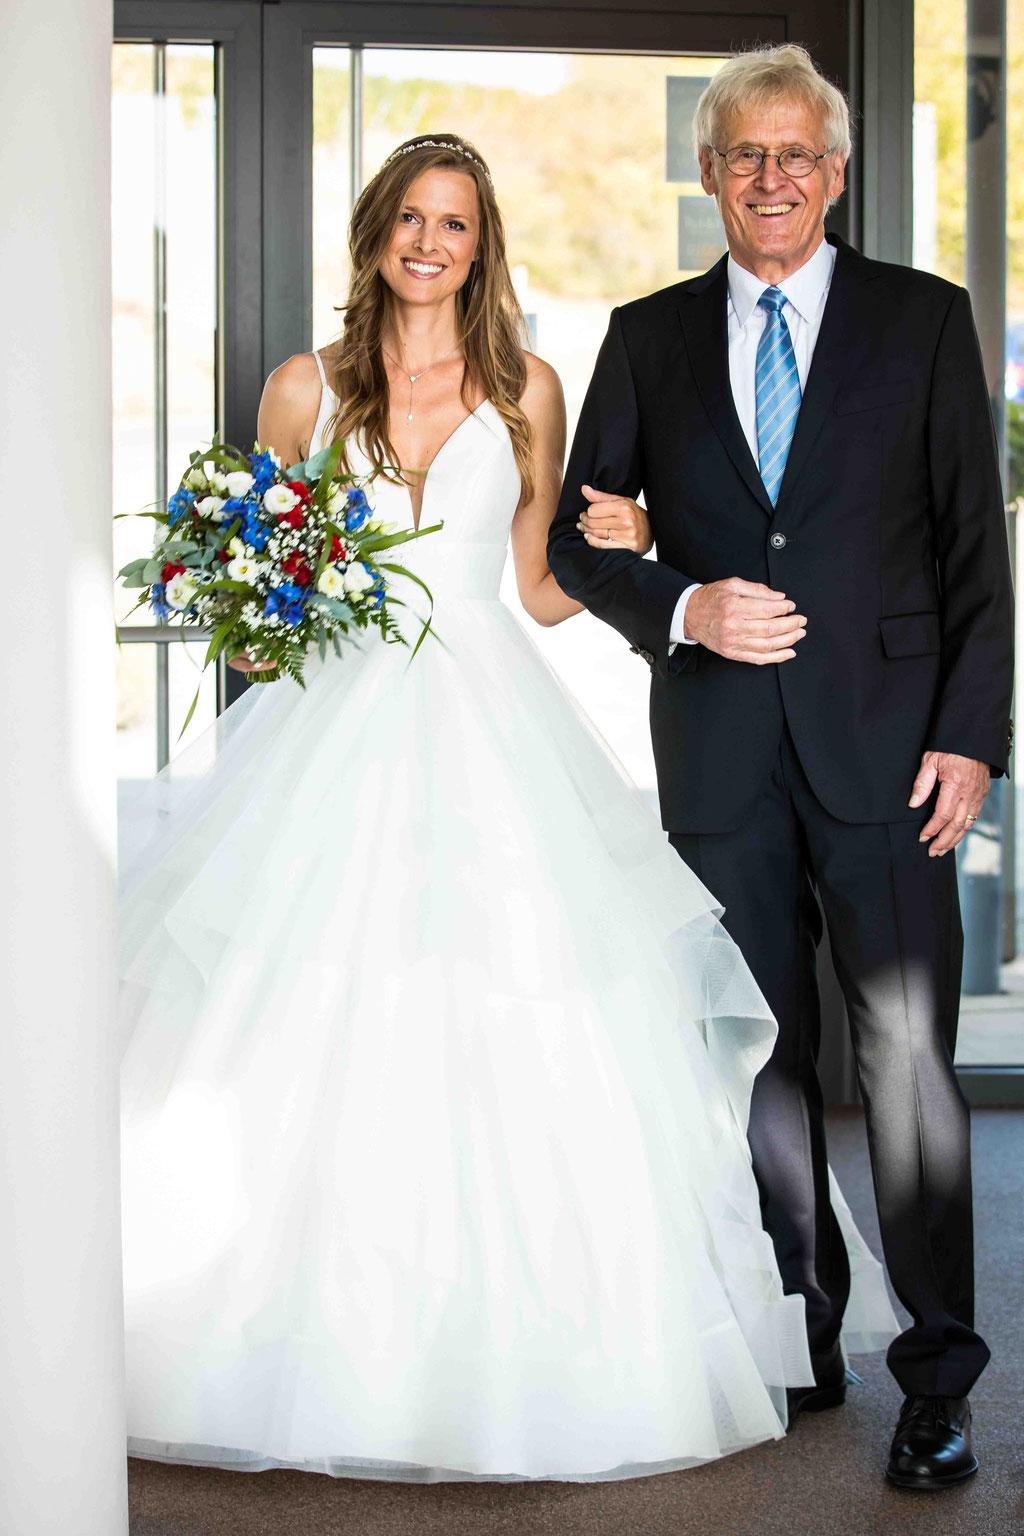 Hofgut Donnersberg, Außerhalb 3, 55578 Vendersheim, Hochzeitsfotograf, Hochzeitsbilder, Hochzeitsfoto, Brautvater und Braut auf dem Weg zu freien Trauung